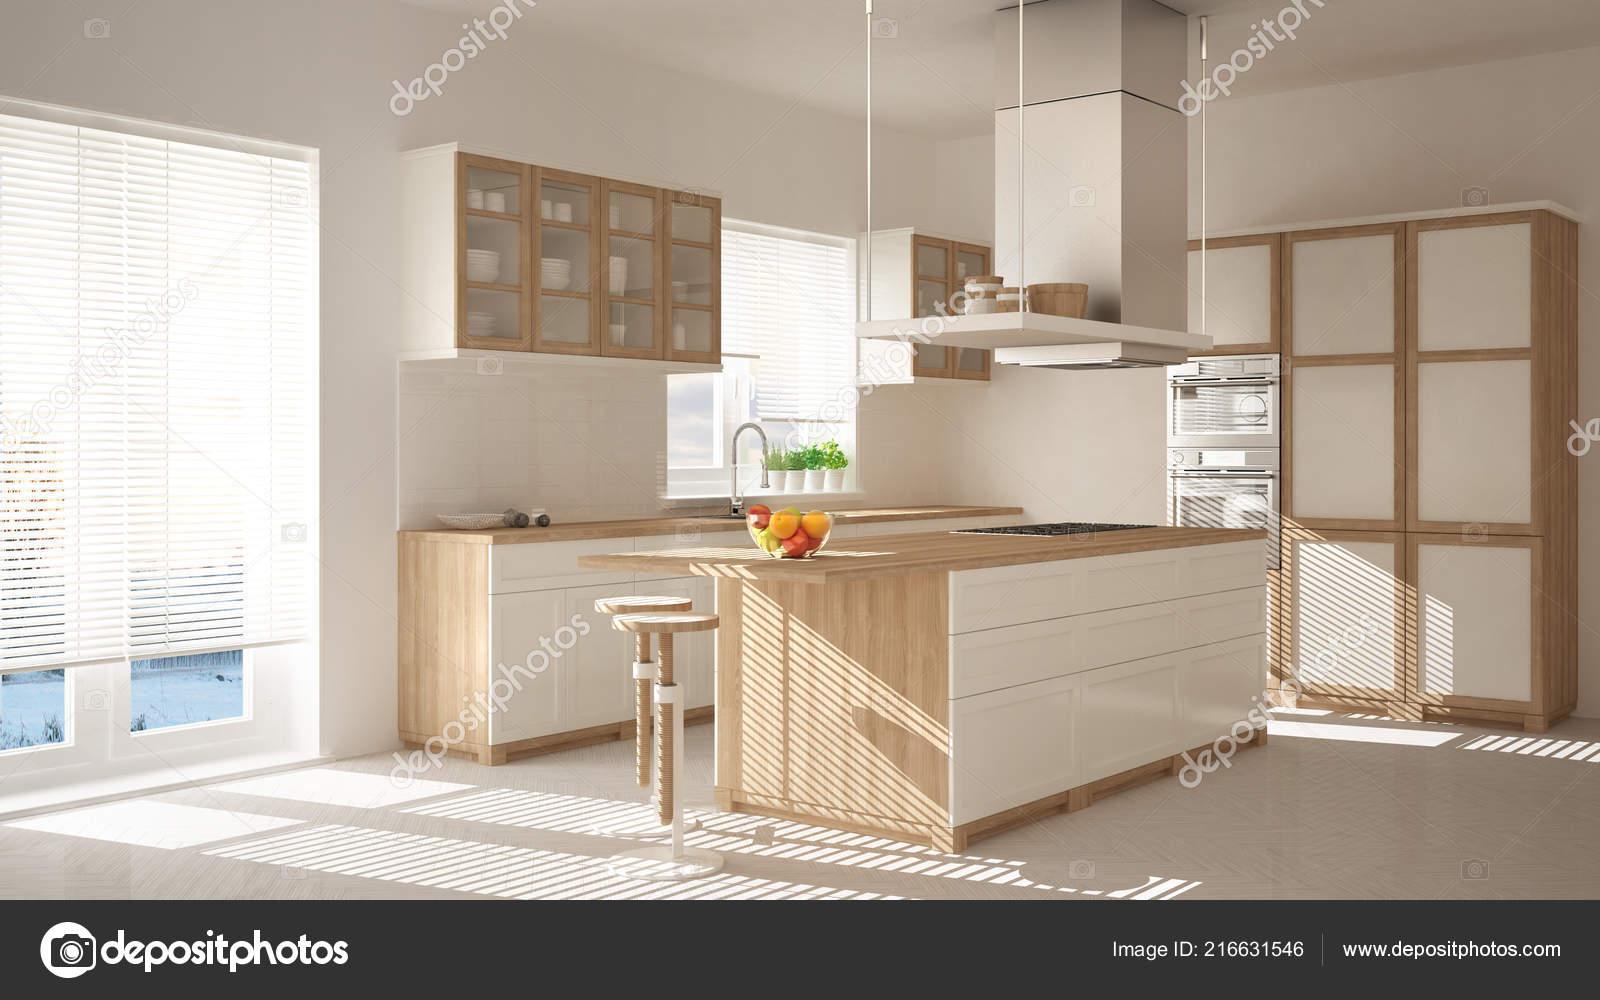 moderne holz und wei e k che mit insel hocker und windows stockfoto archiviz 216631546. Black Bedroom Furniture Sets. Home Design Ideas